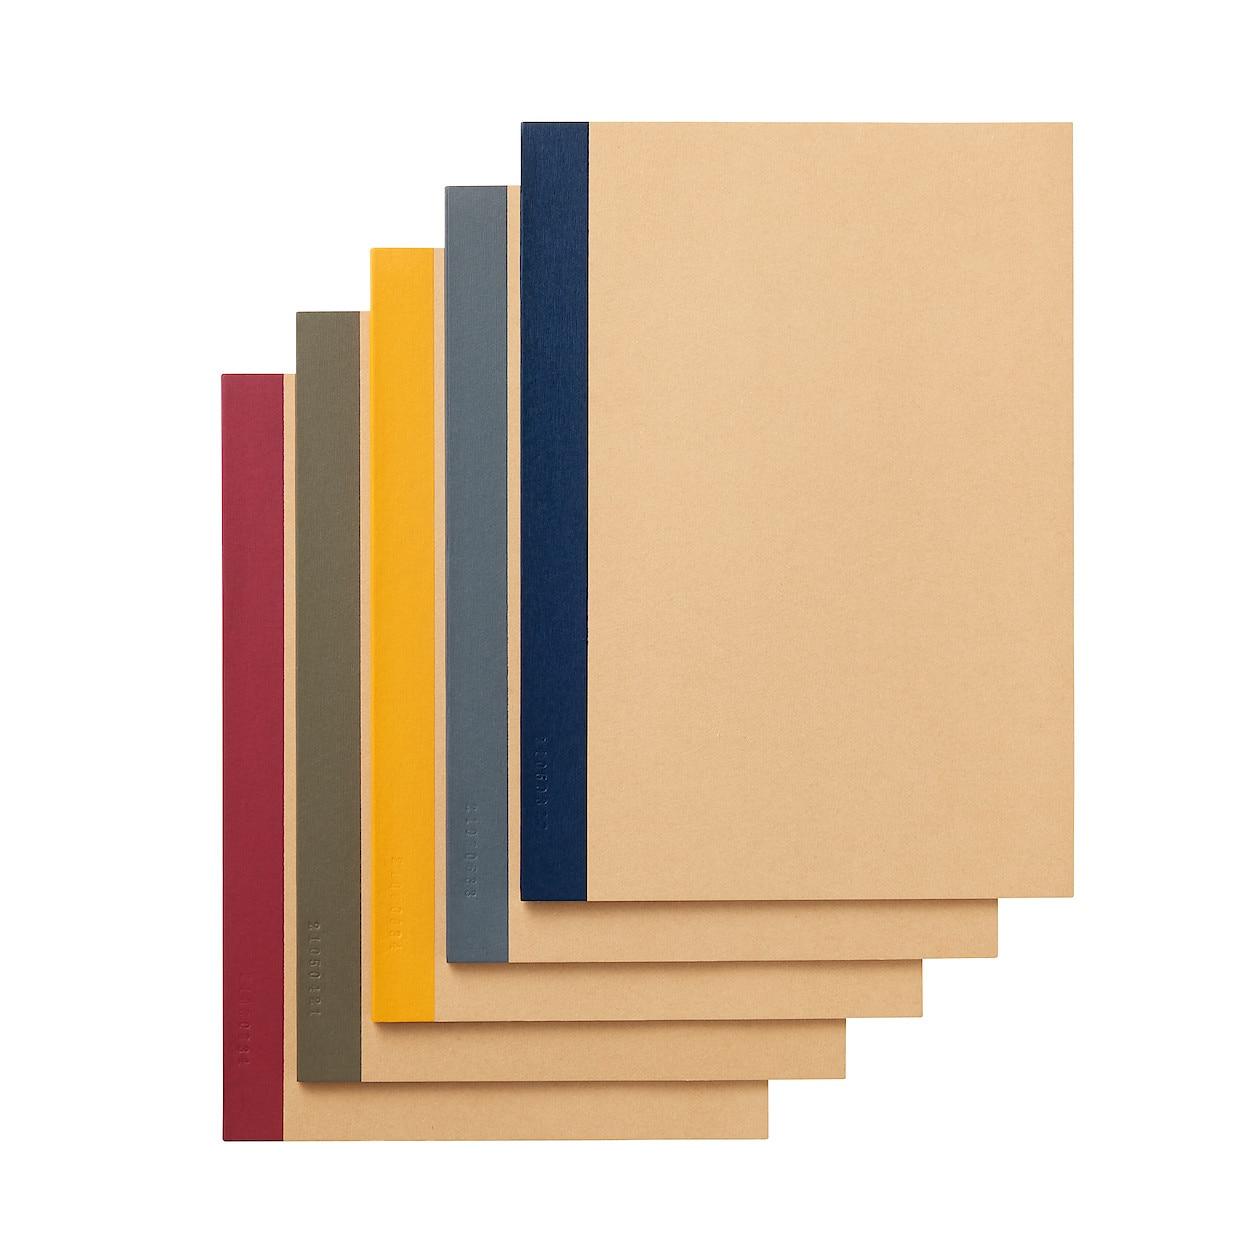 植林木ペーパー裏うつりしにくいノート5冊組